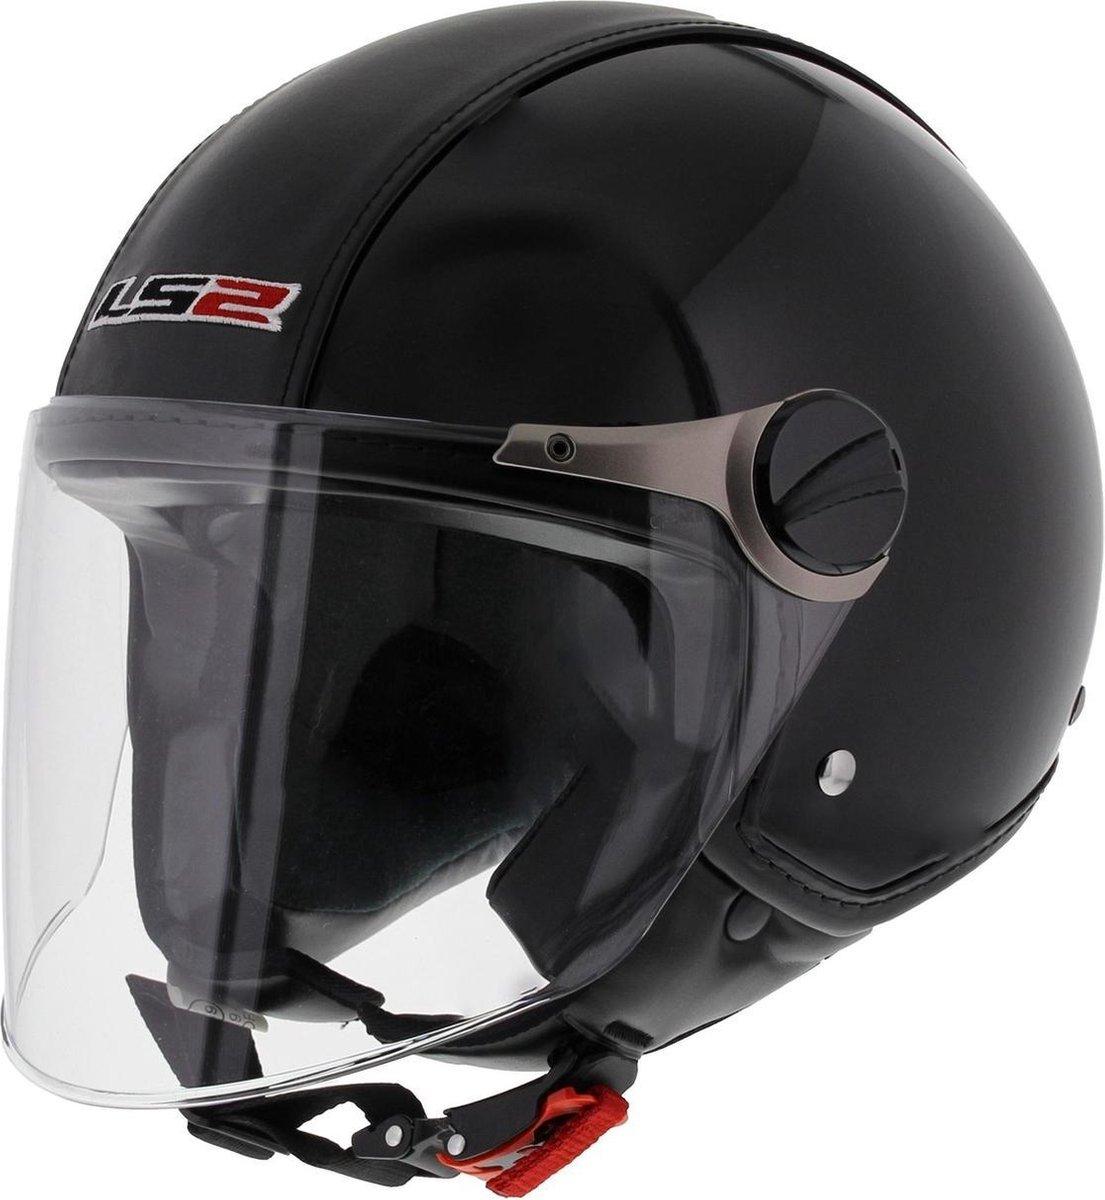 LS2 OF560 Beetle Jethelm - Motorhelm - Glans Zwart - Maat XS